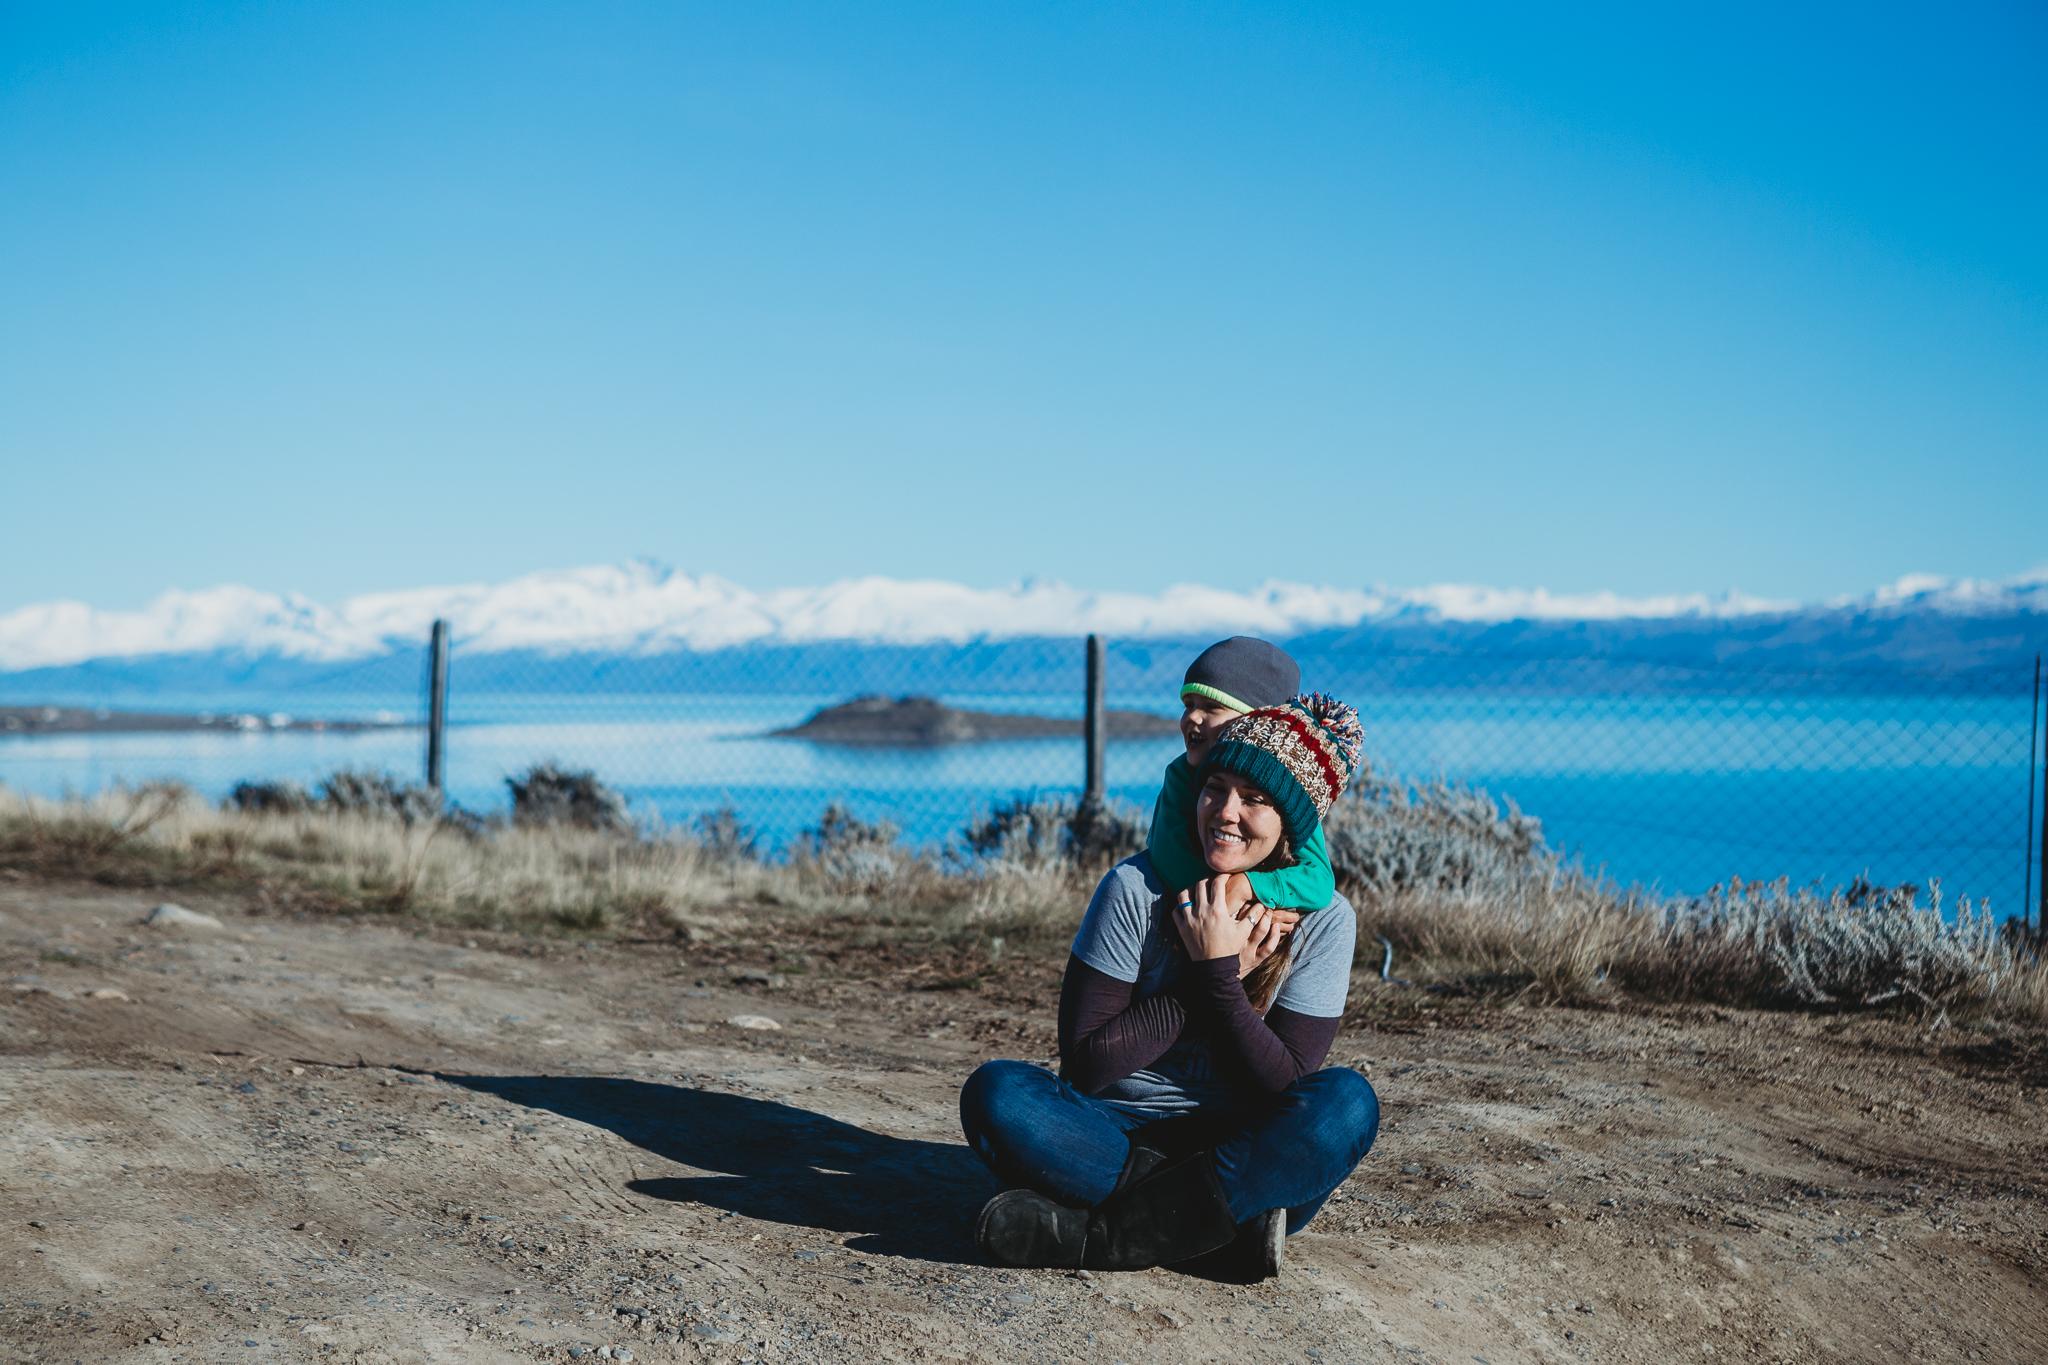 El Calafate, El Chalten, Perito Moreno, Parque Nacional Los Glaciares, Argentina, Buenos Aires-39.jpg